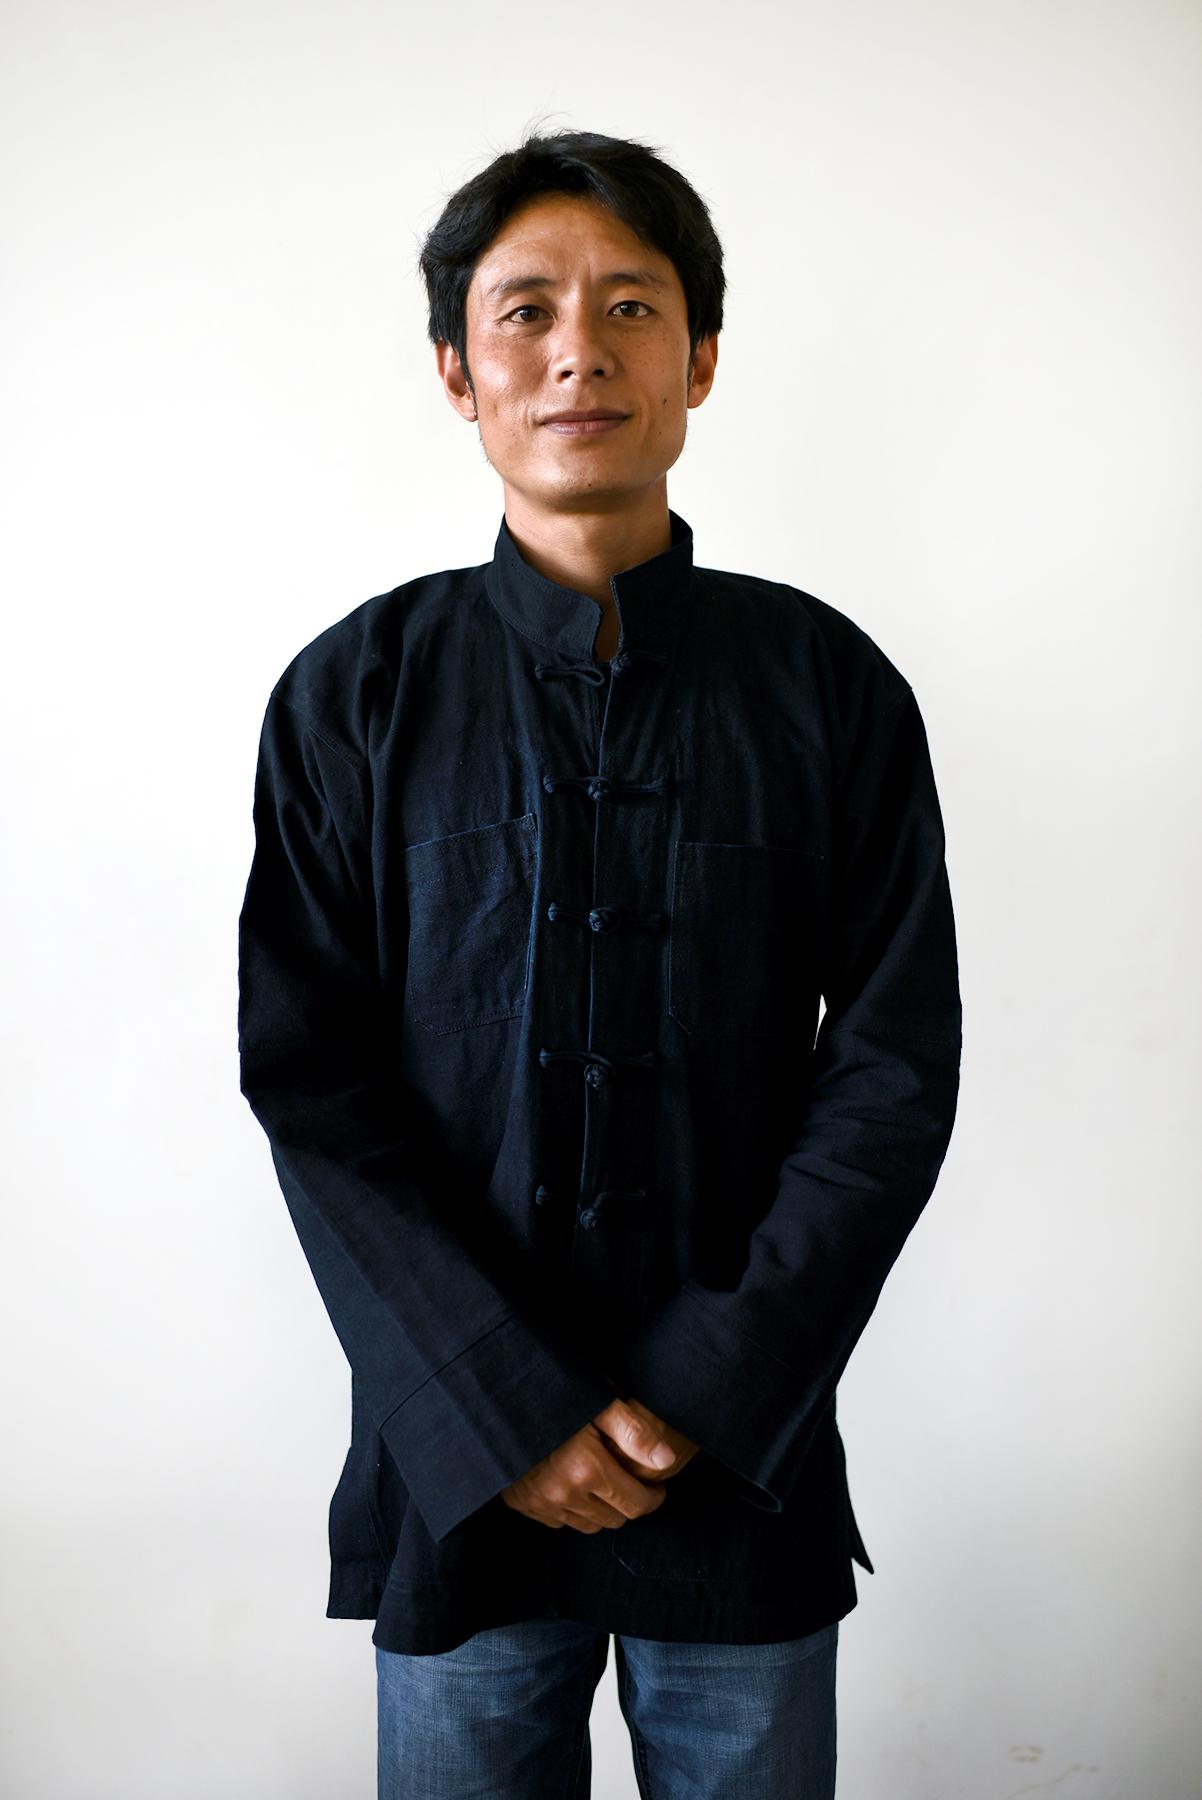 Zhang Zheng Guo, Lezuo musician. Dieshi village, Yunnan, 2017.